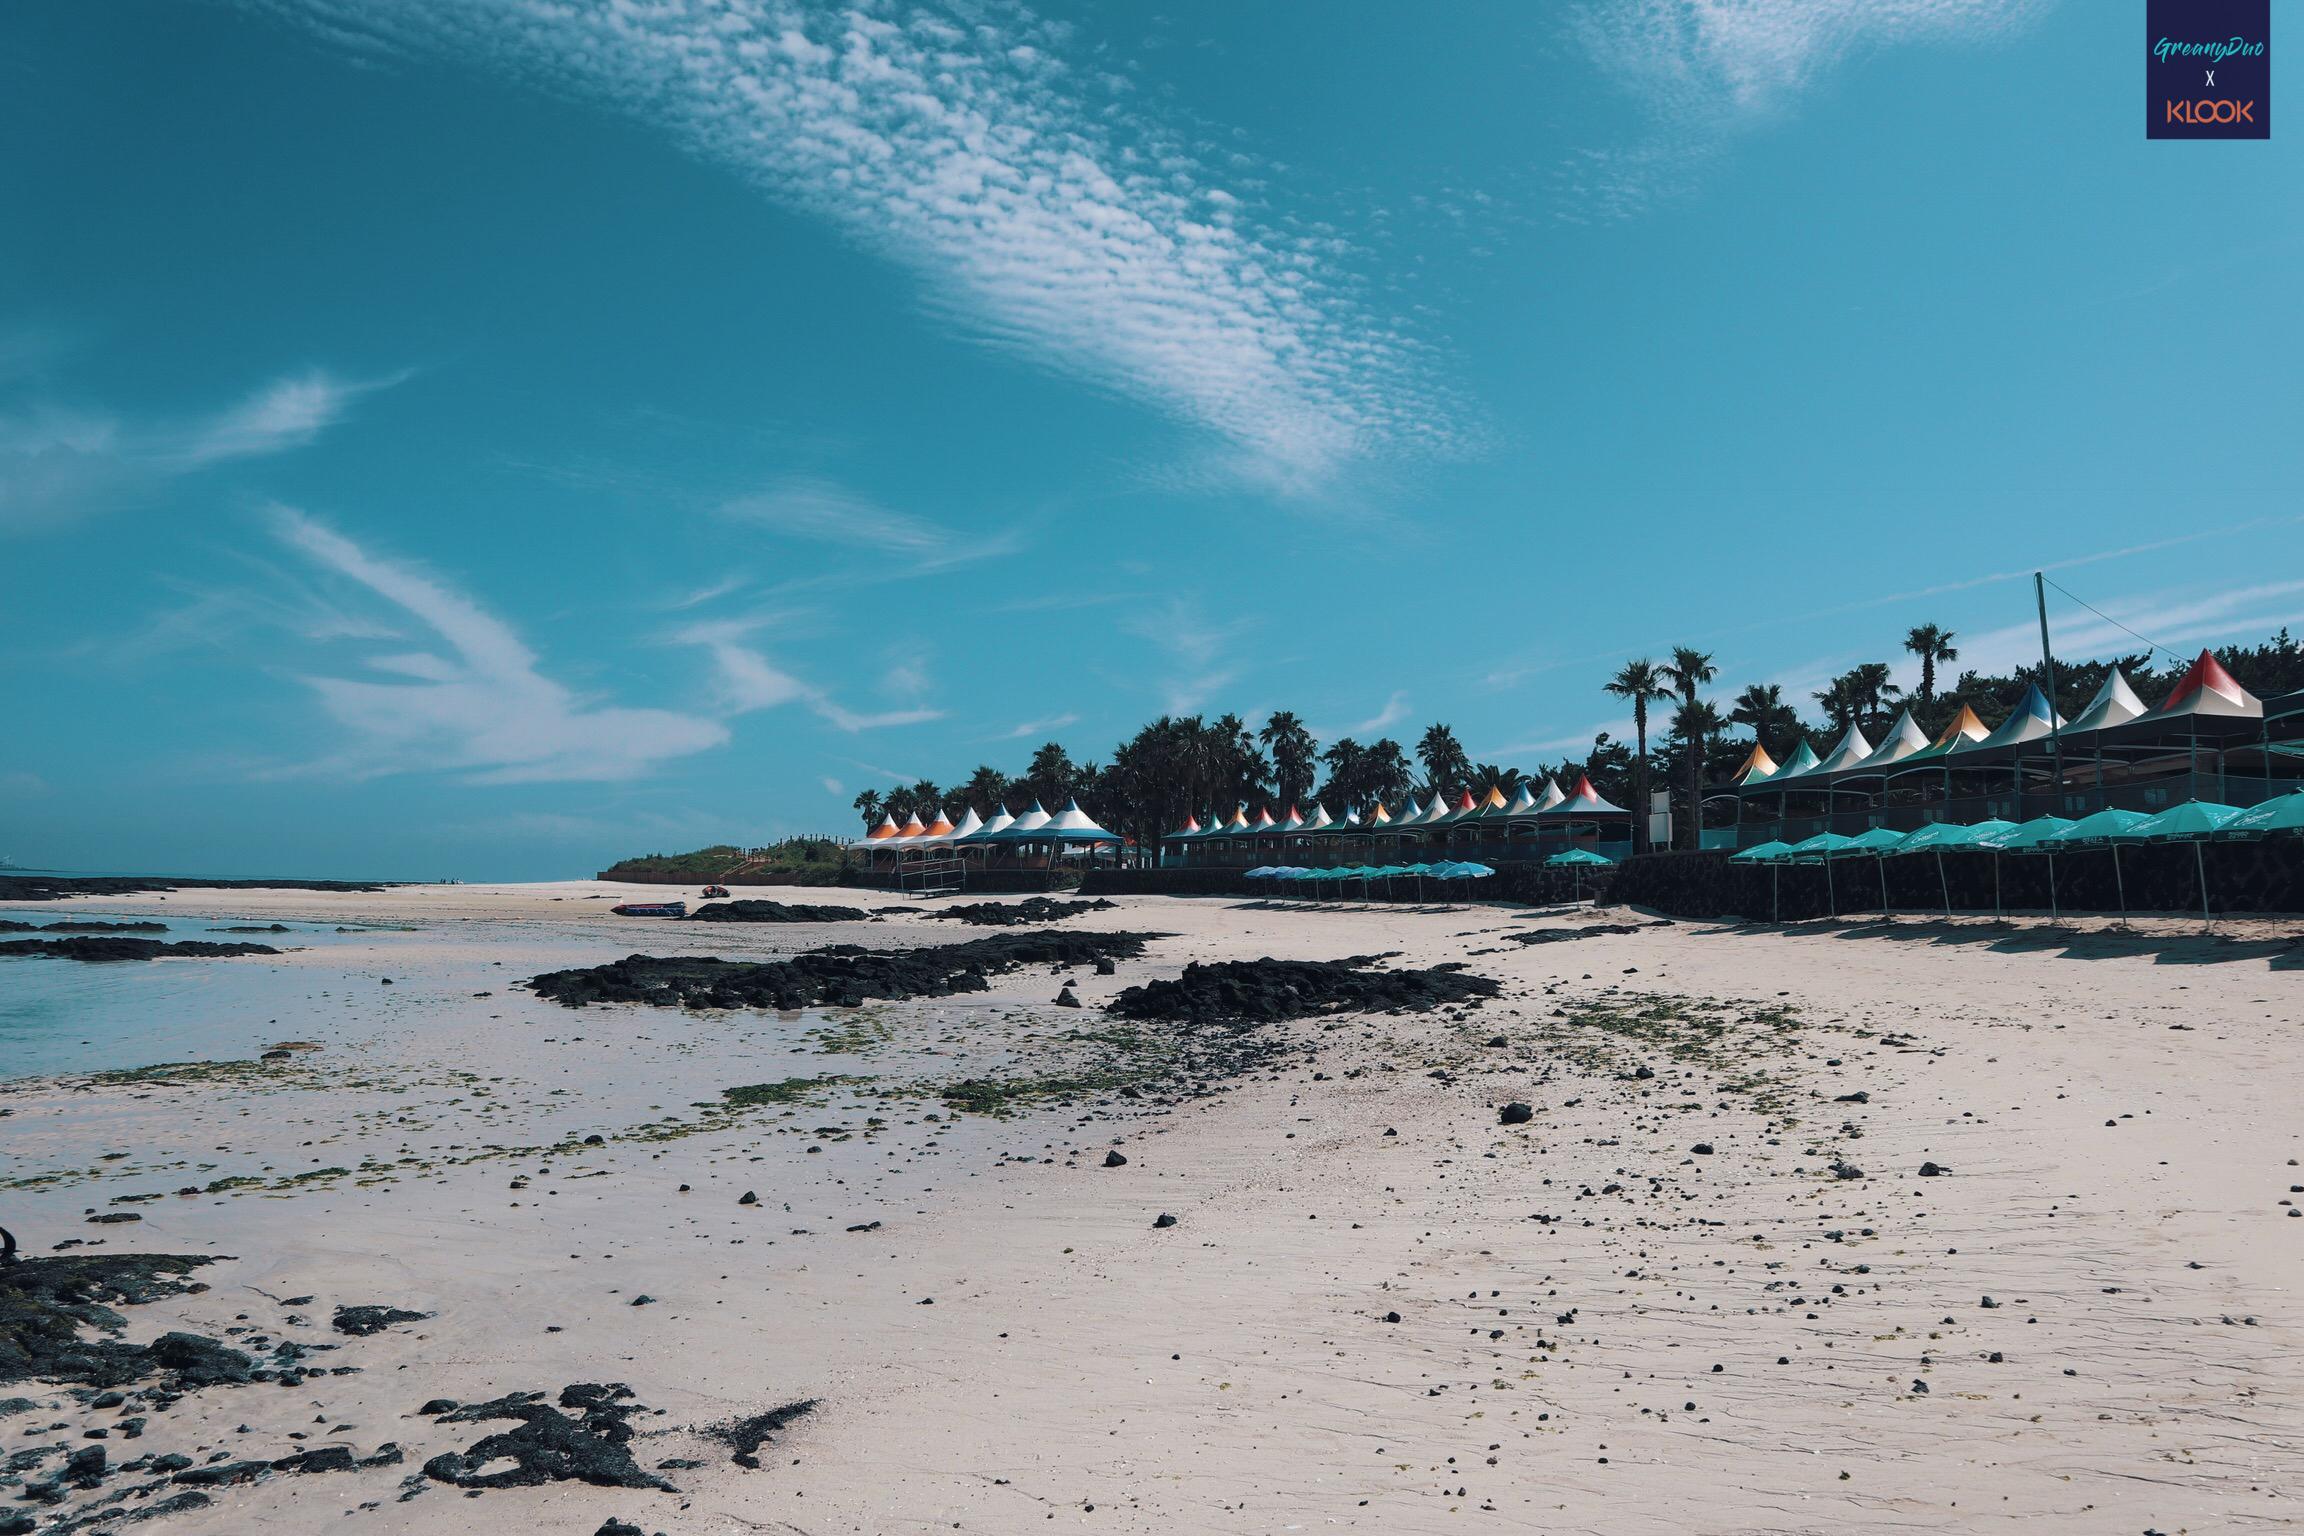 hyeopjae beach view